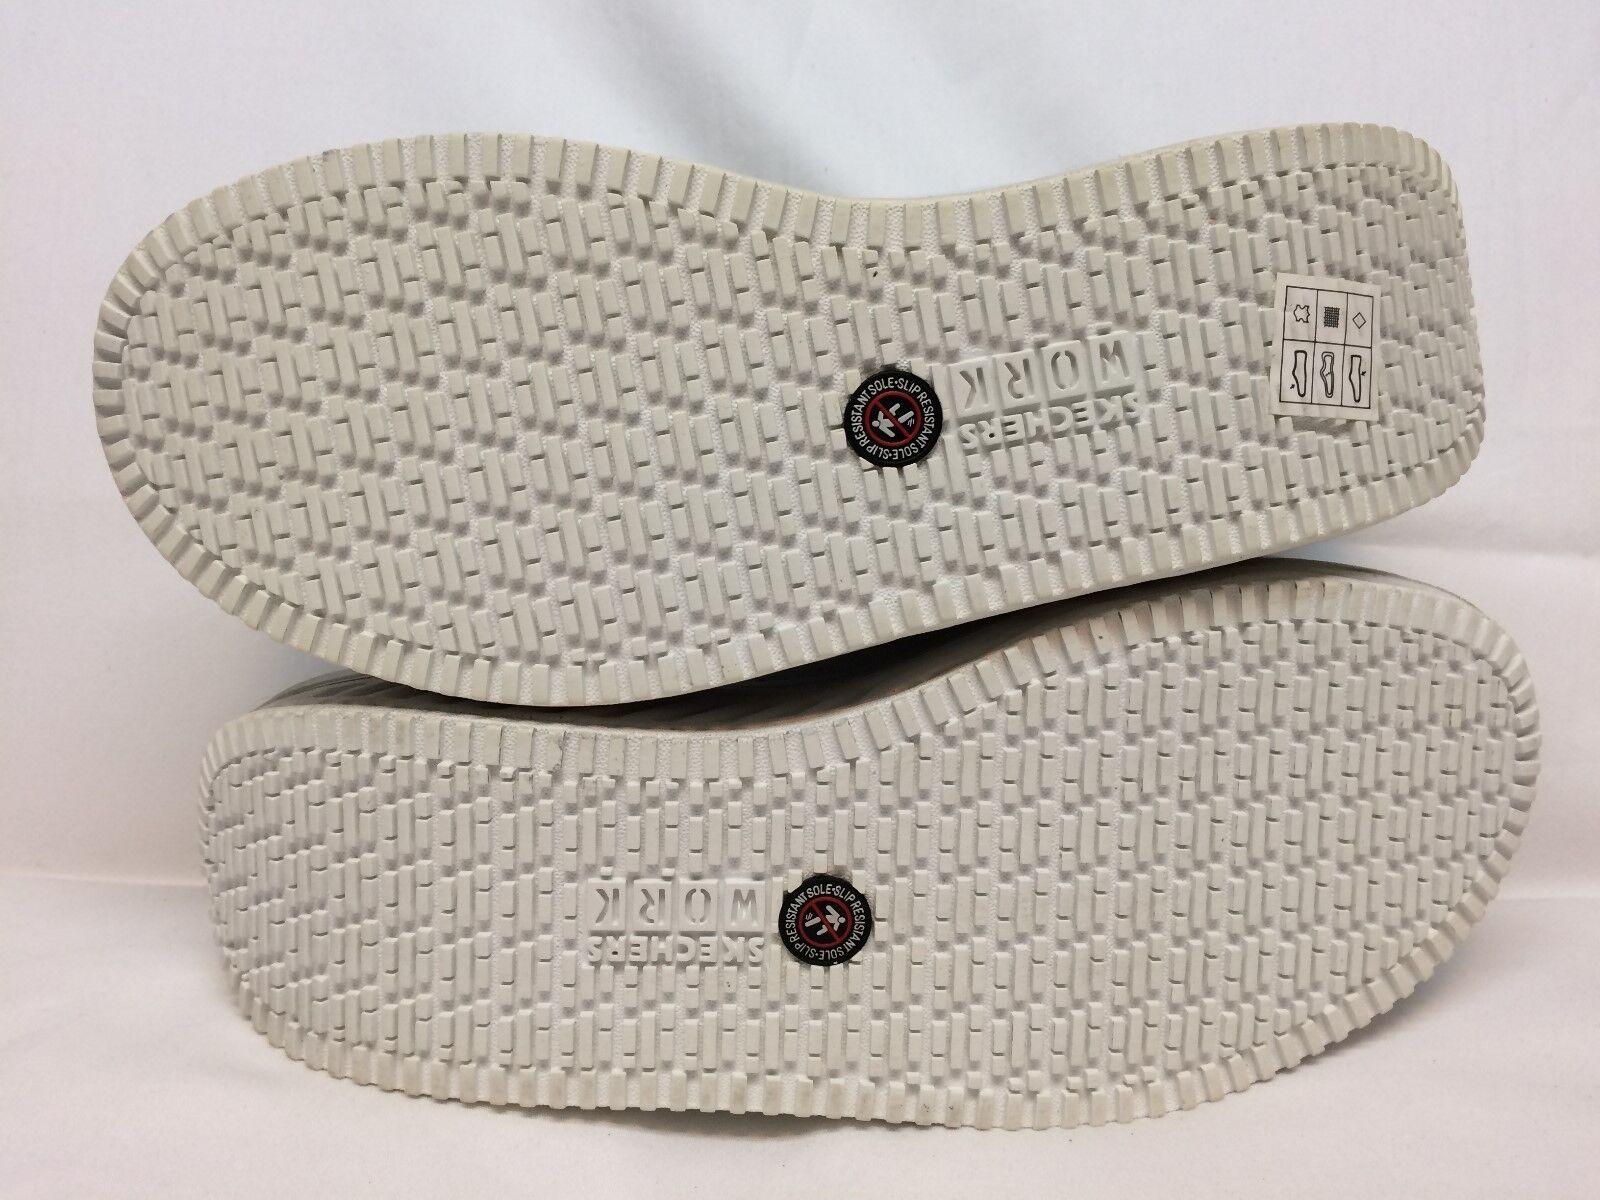 Skechers 76480 damen Shape Up Toning Turnschuhe Weiß Weiß Weiß Größe 9.5 Us a31c5b